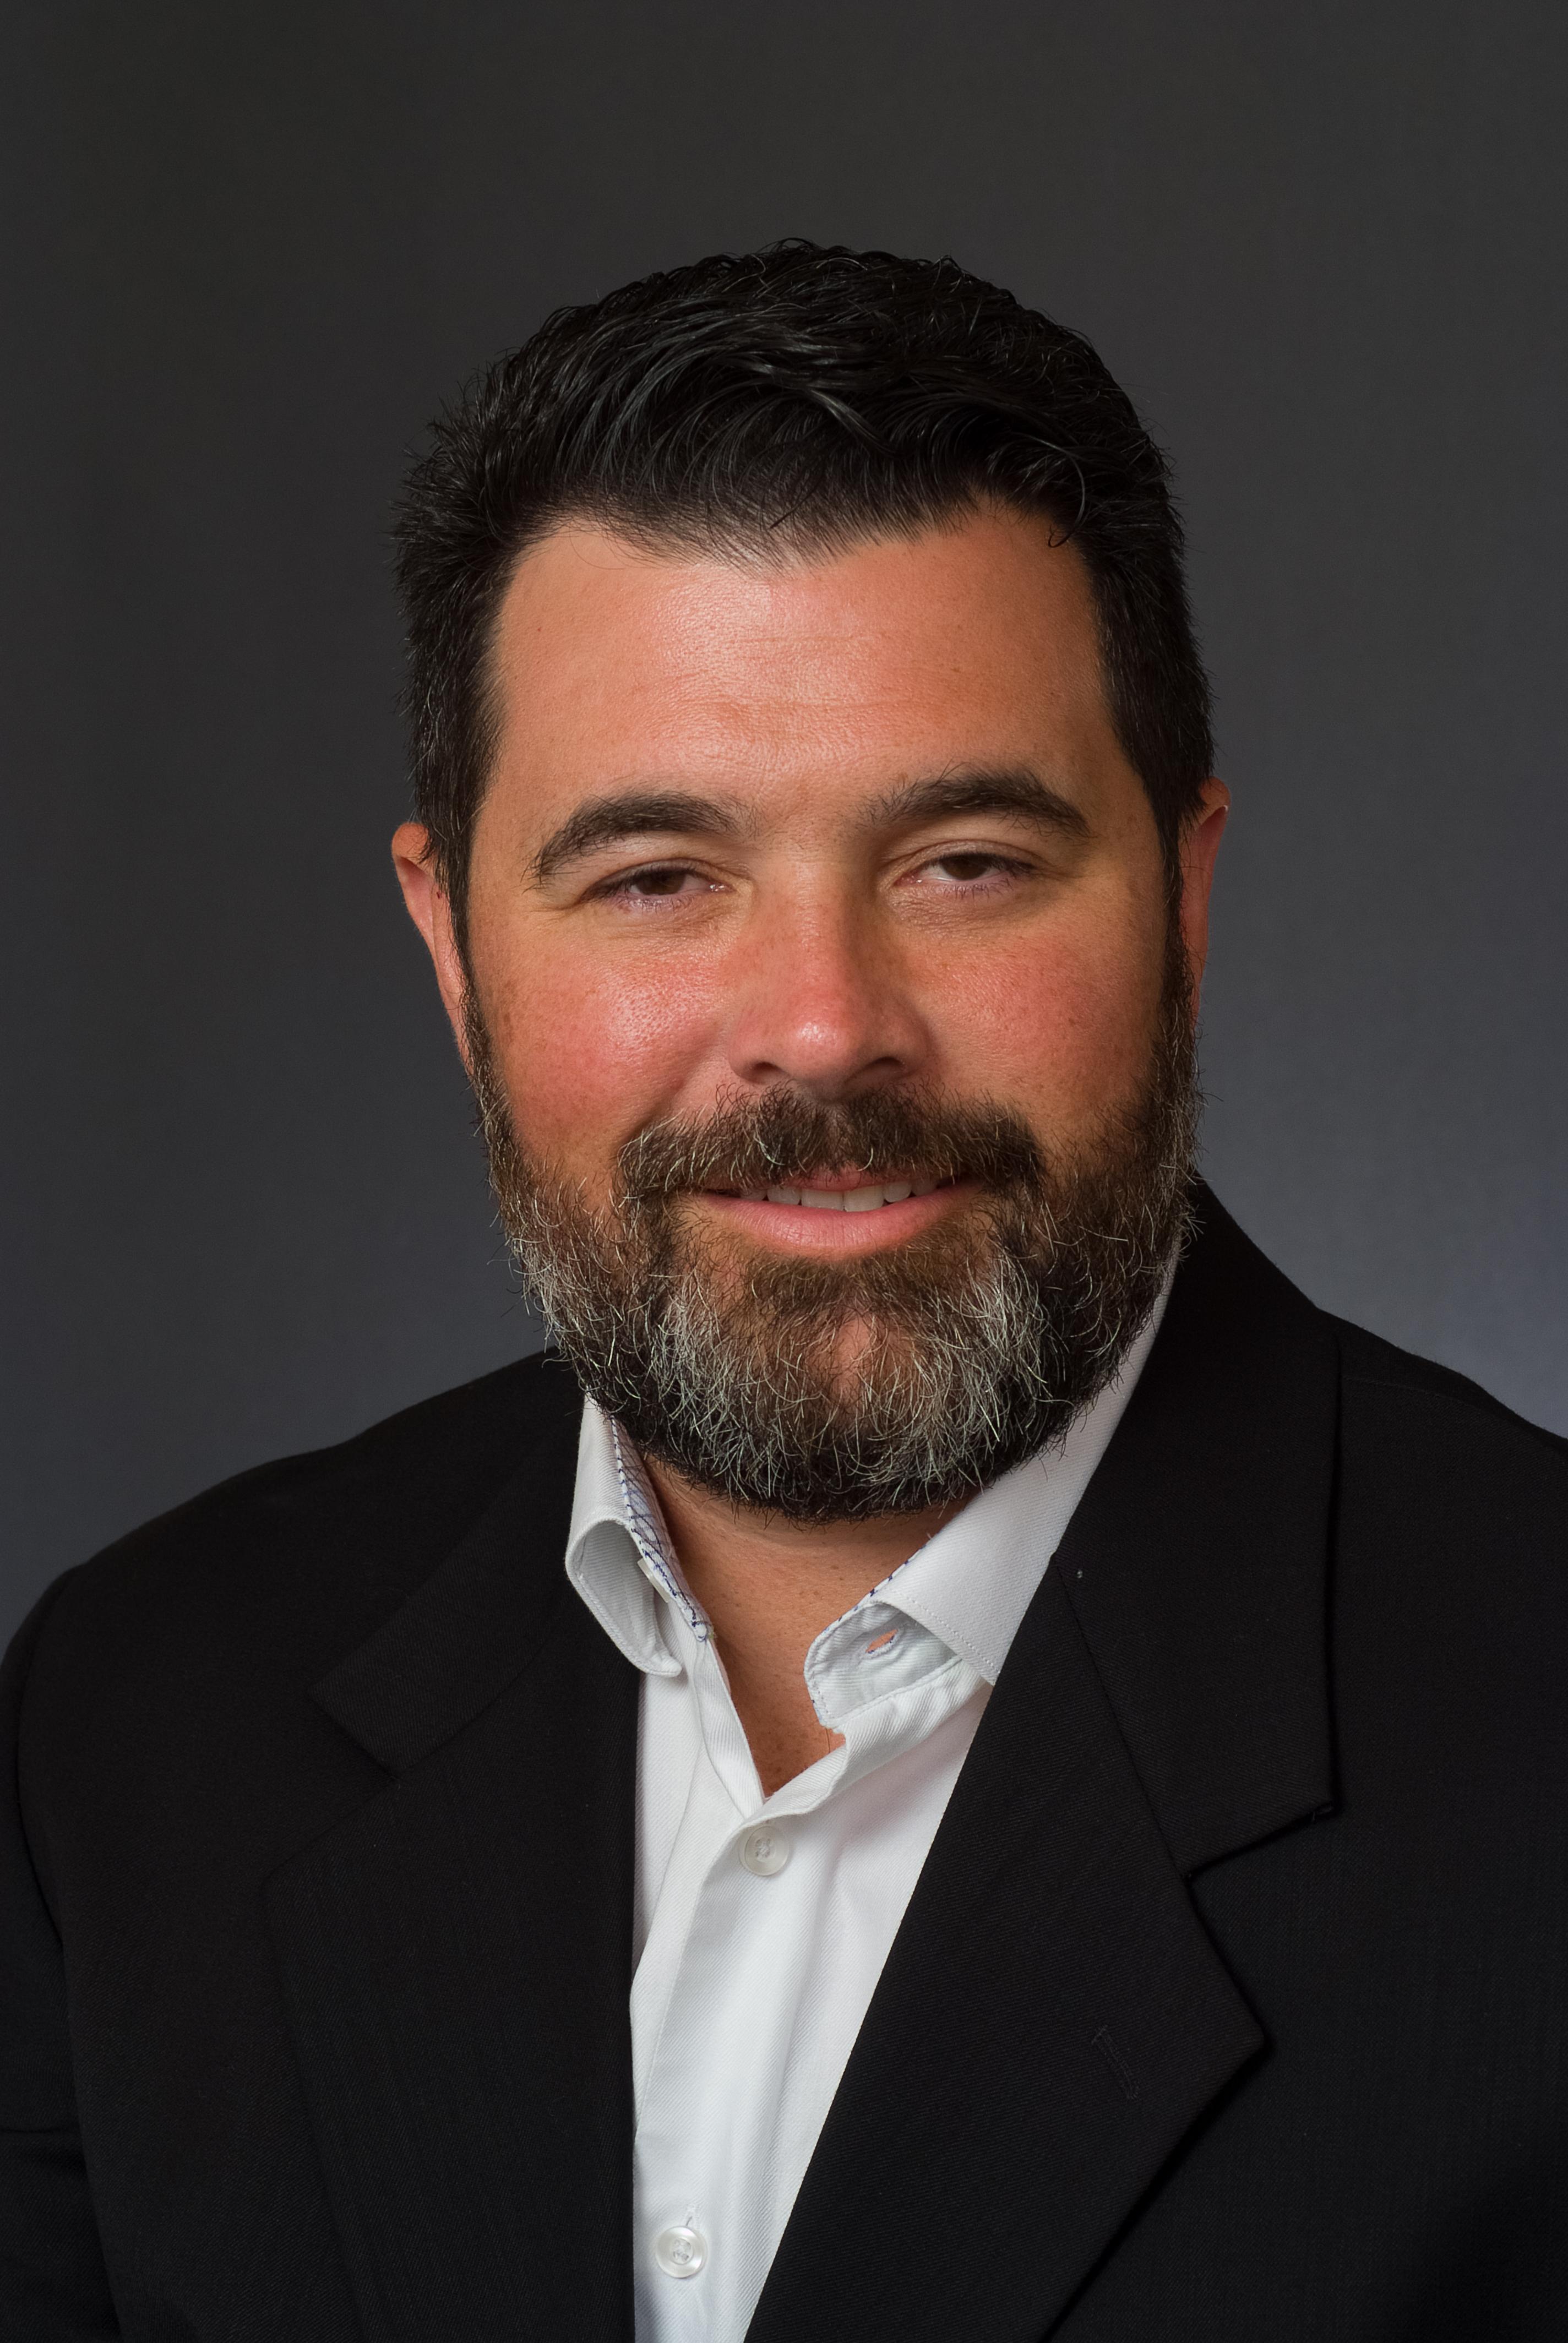 Matt Schlessiger